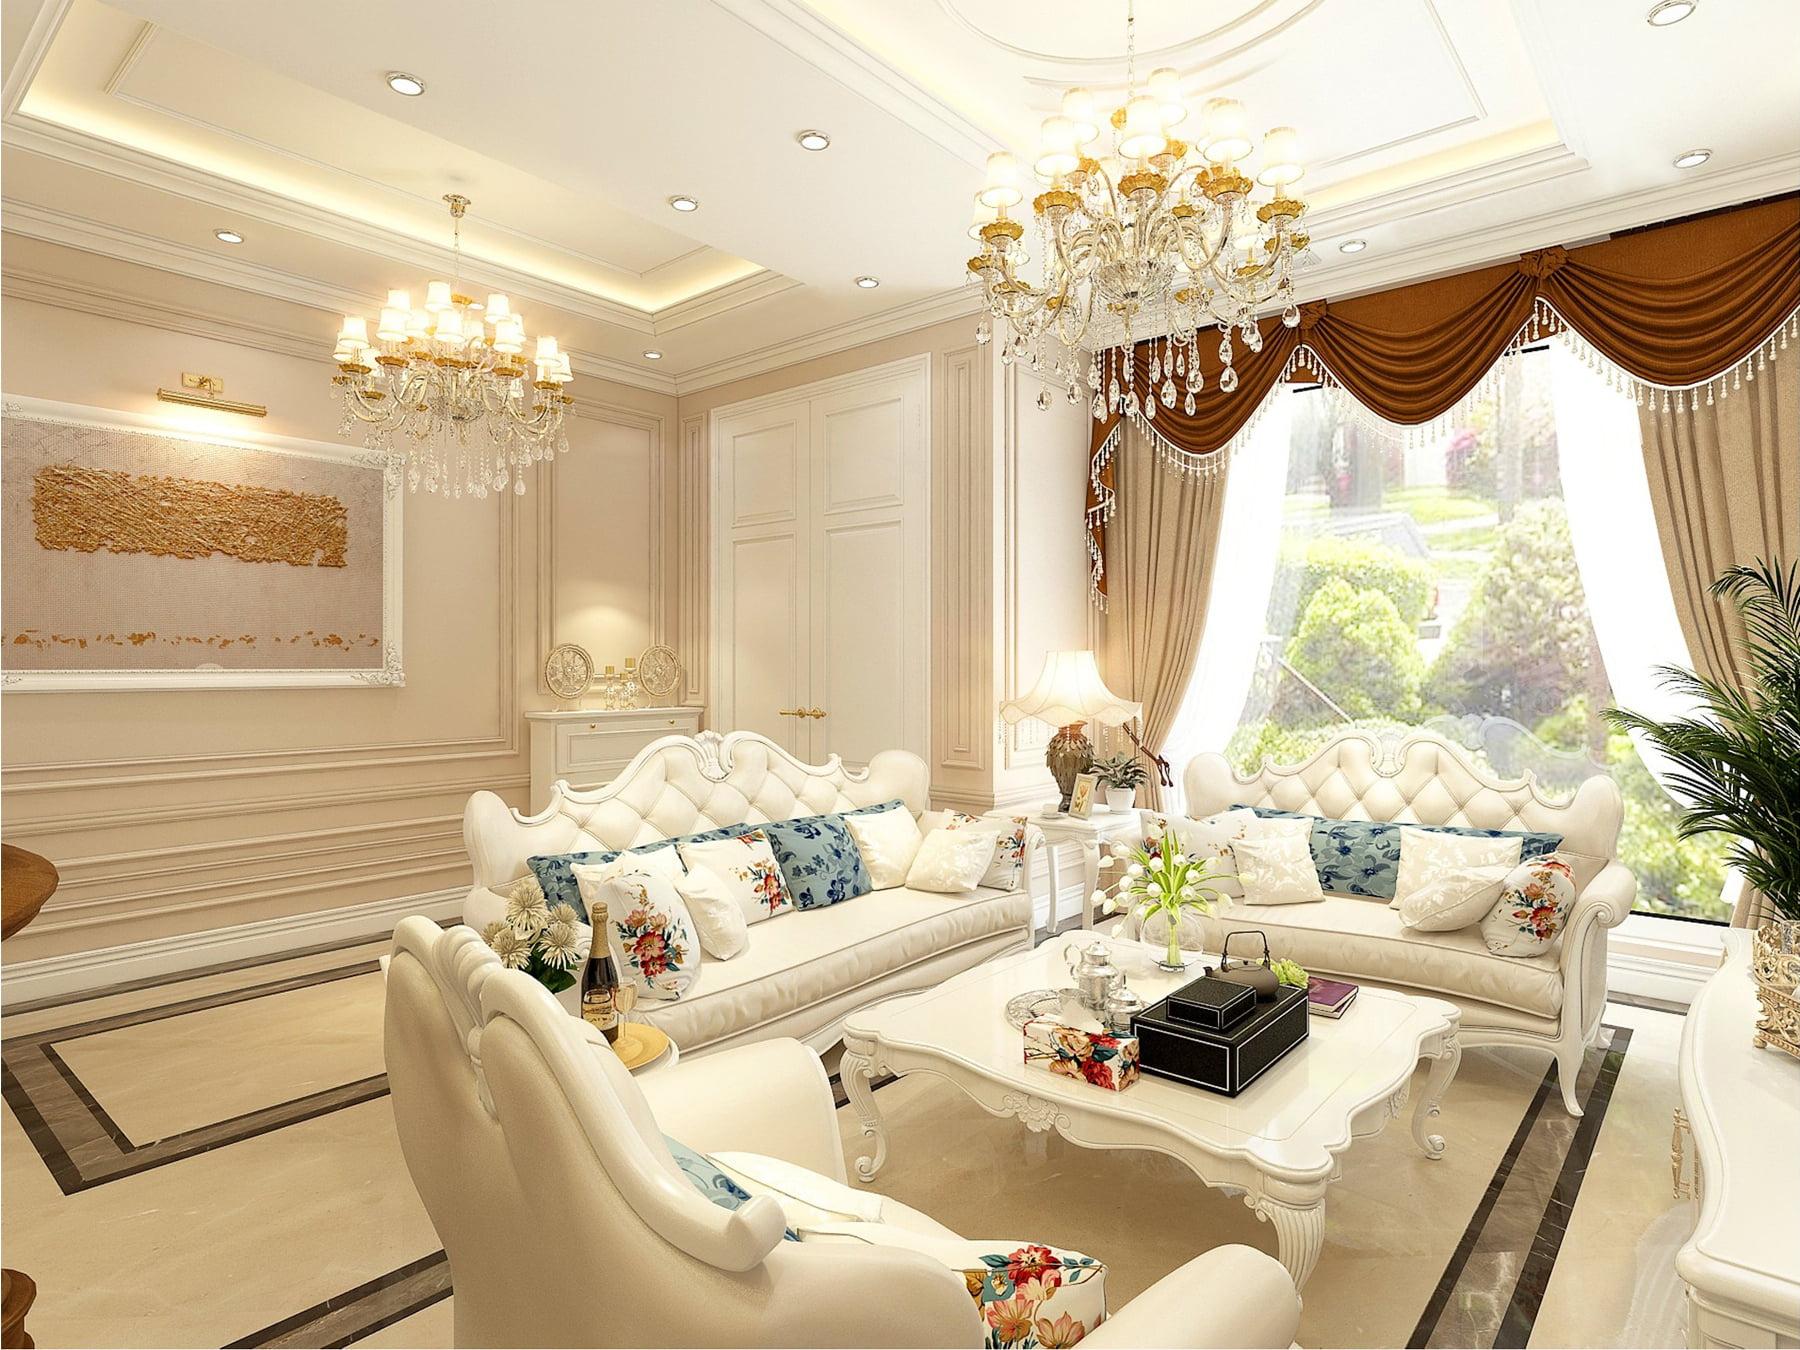 Thiết kế nội thất Tân cổ điển – Anh Tiến – Vinhomes Marina Hải phòng